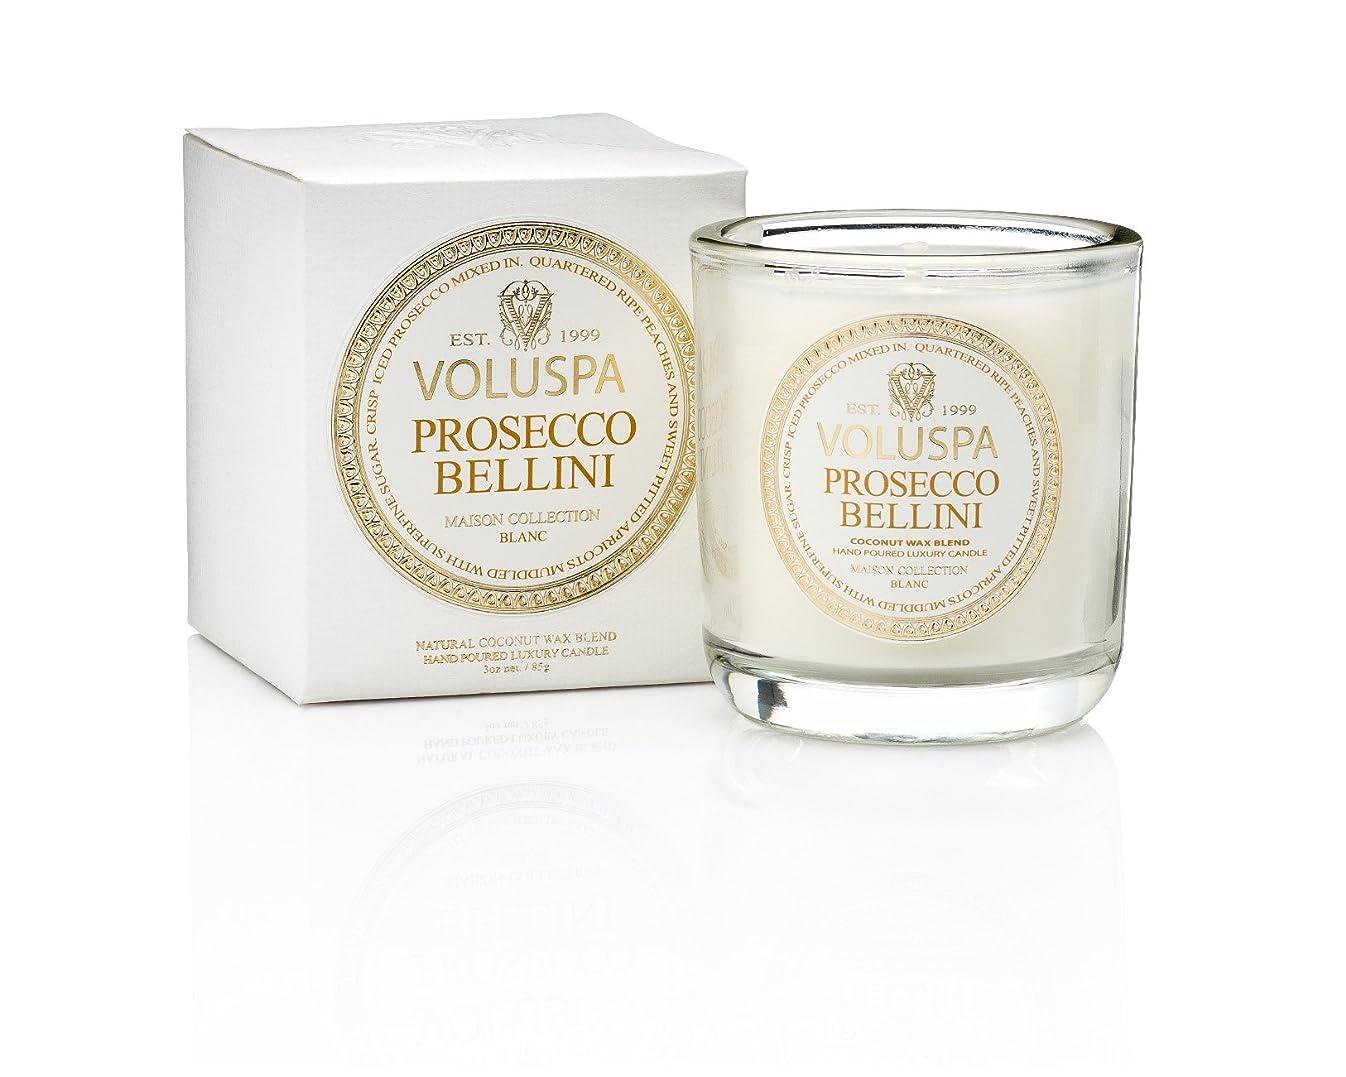 浴非公式犯罪VOLUSPA メゾンブラン ミニグラスキャンドル Prosecco Bellini プロセッコベッリーニ MAISON BLANK GLASS CANDLE mini ボルスパ